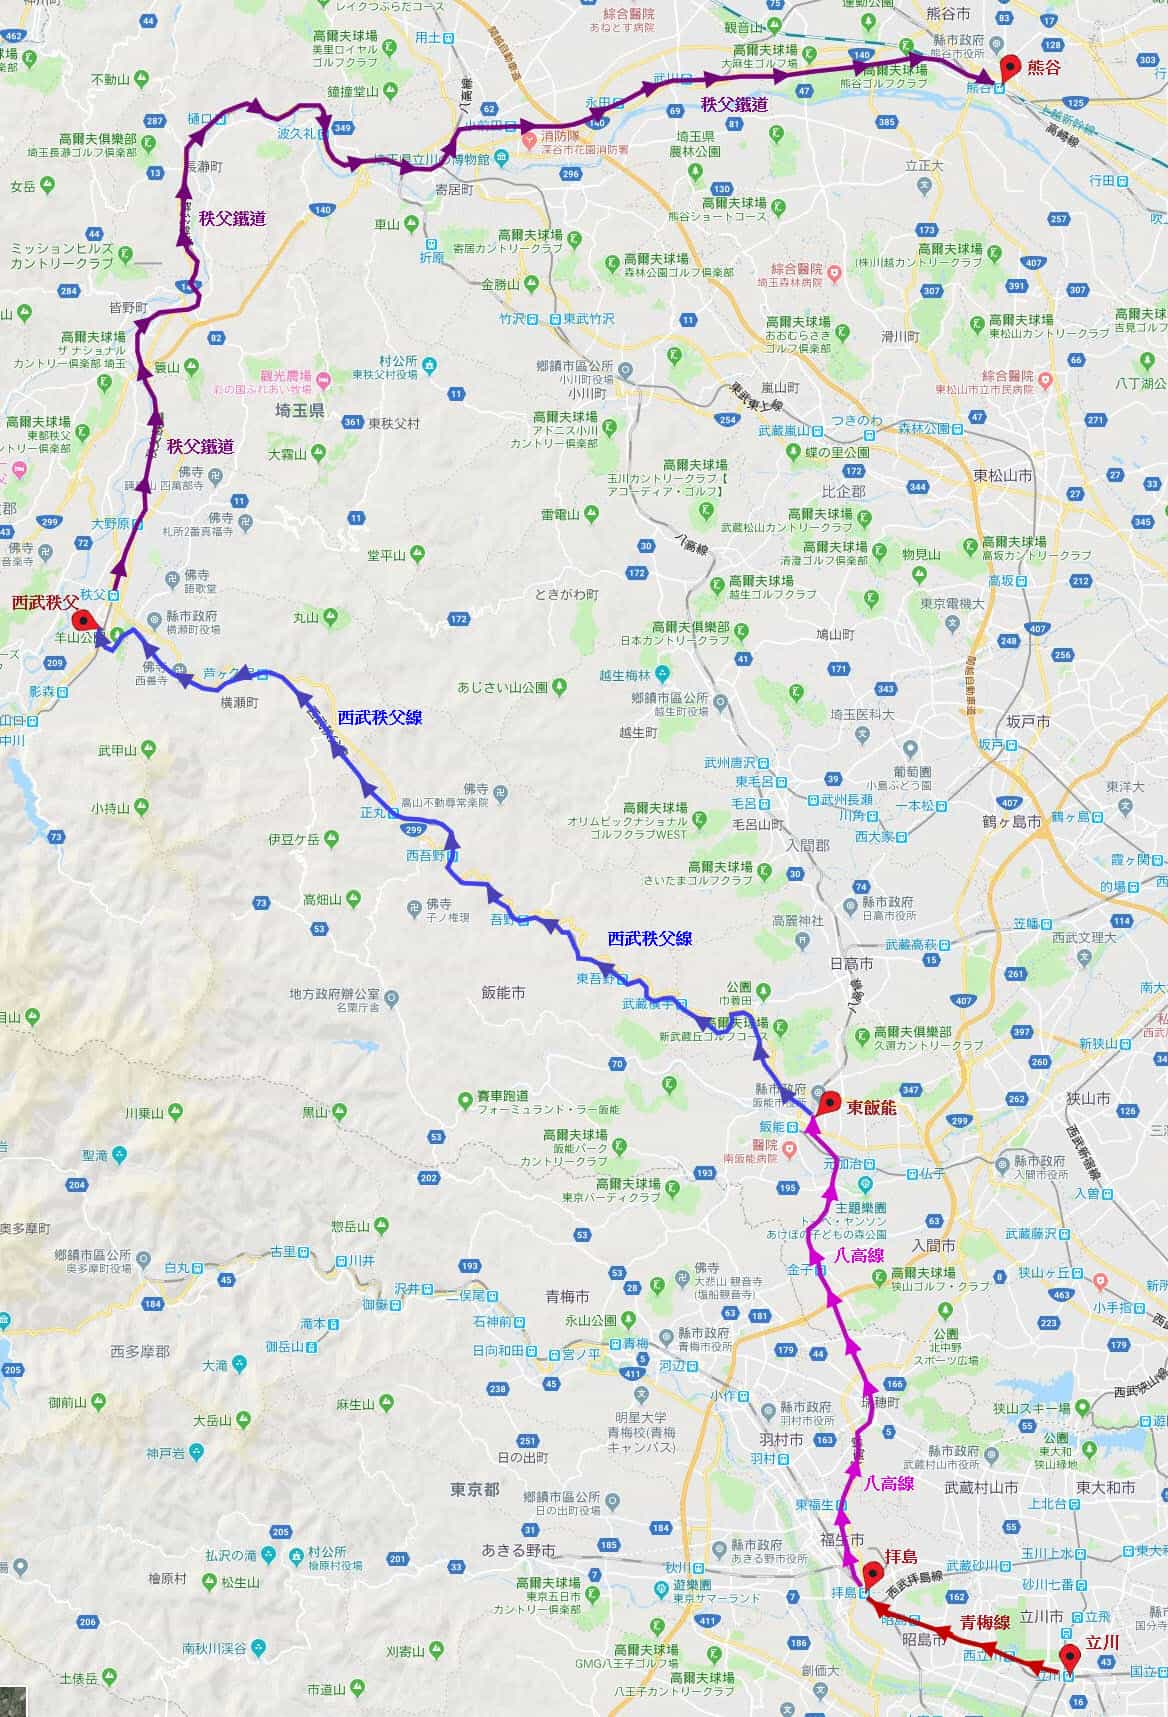 立川經西武秩父到熊谷交通路線地圖